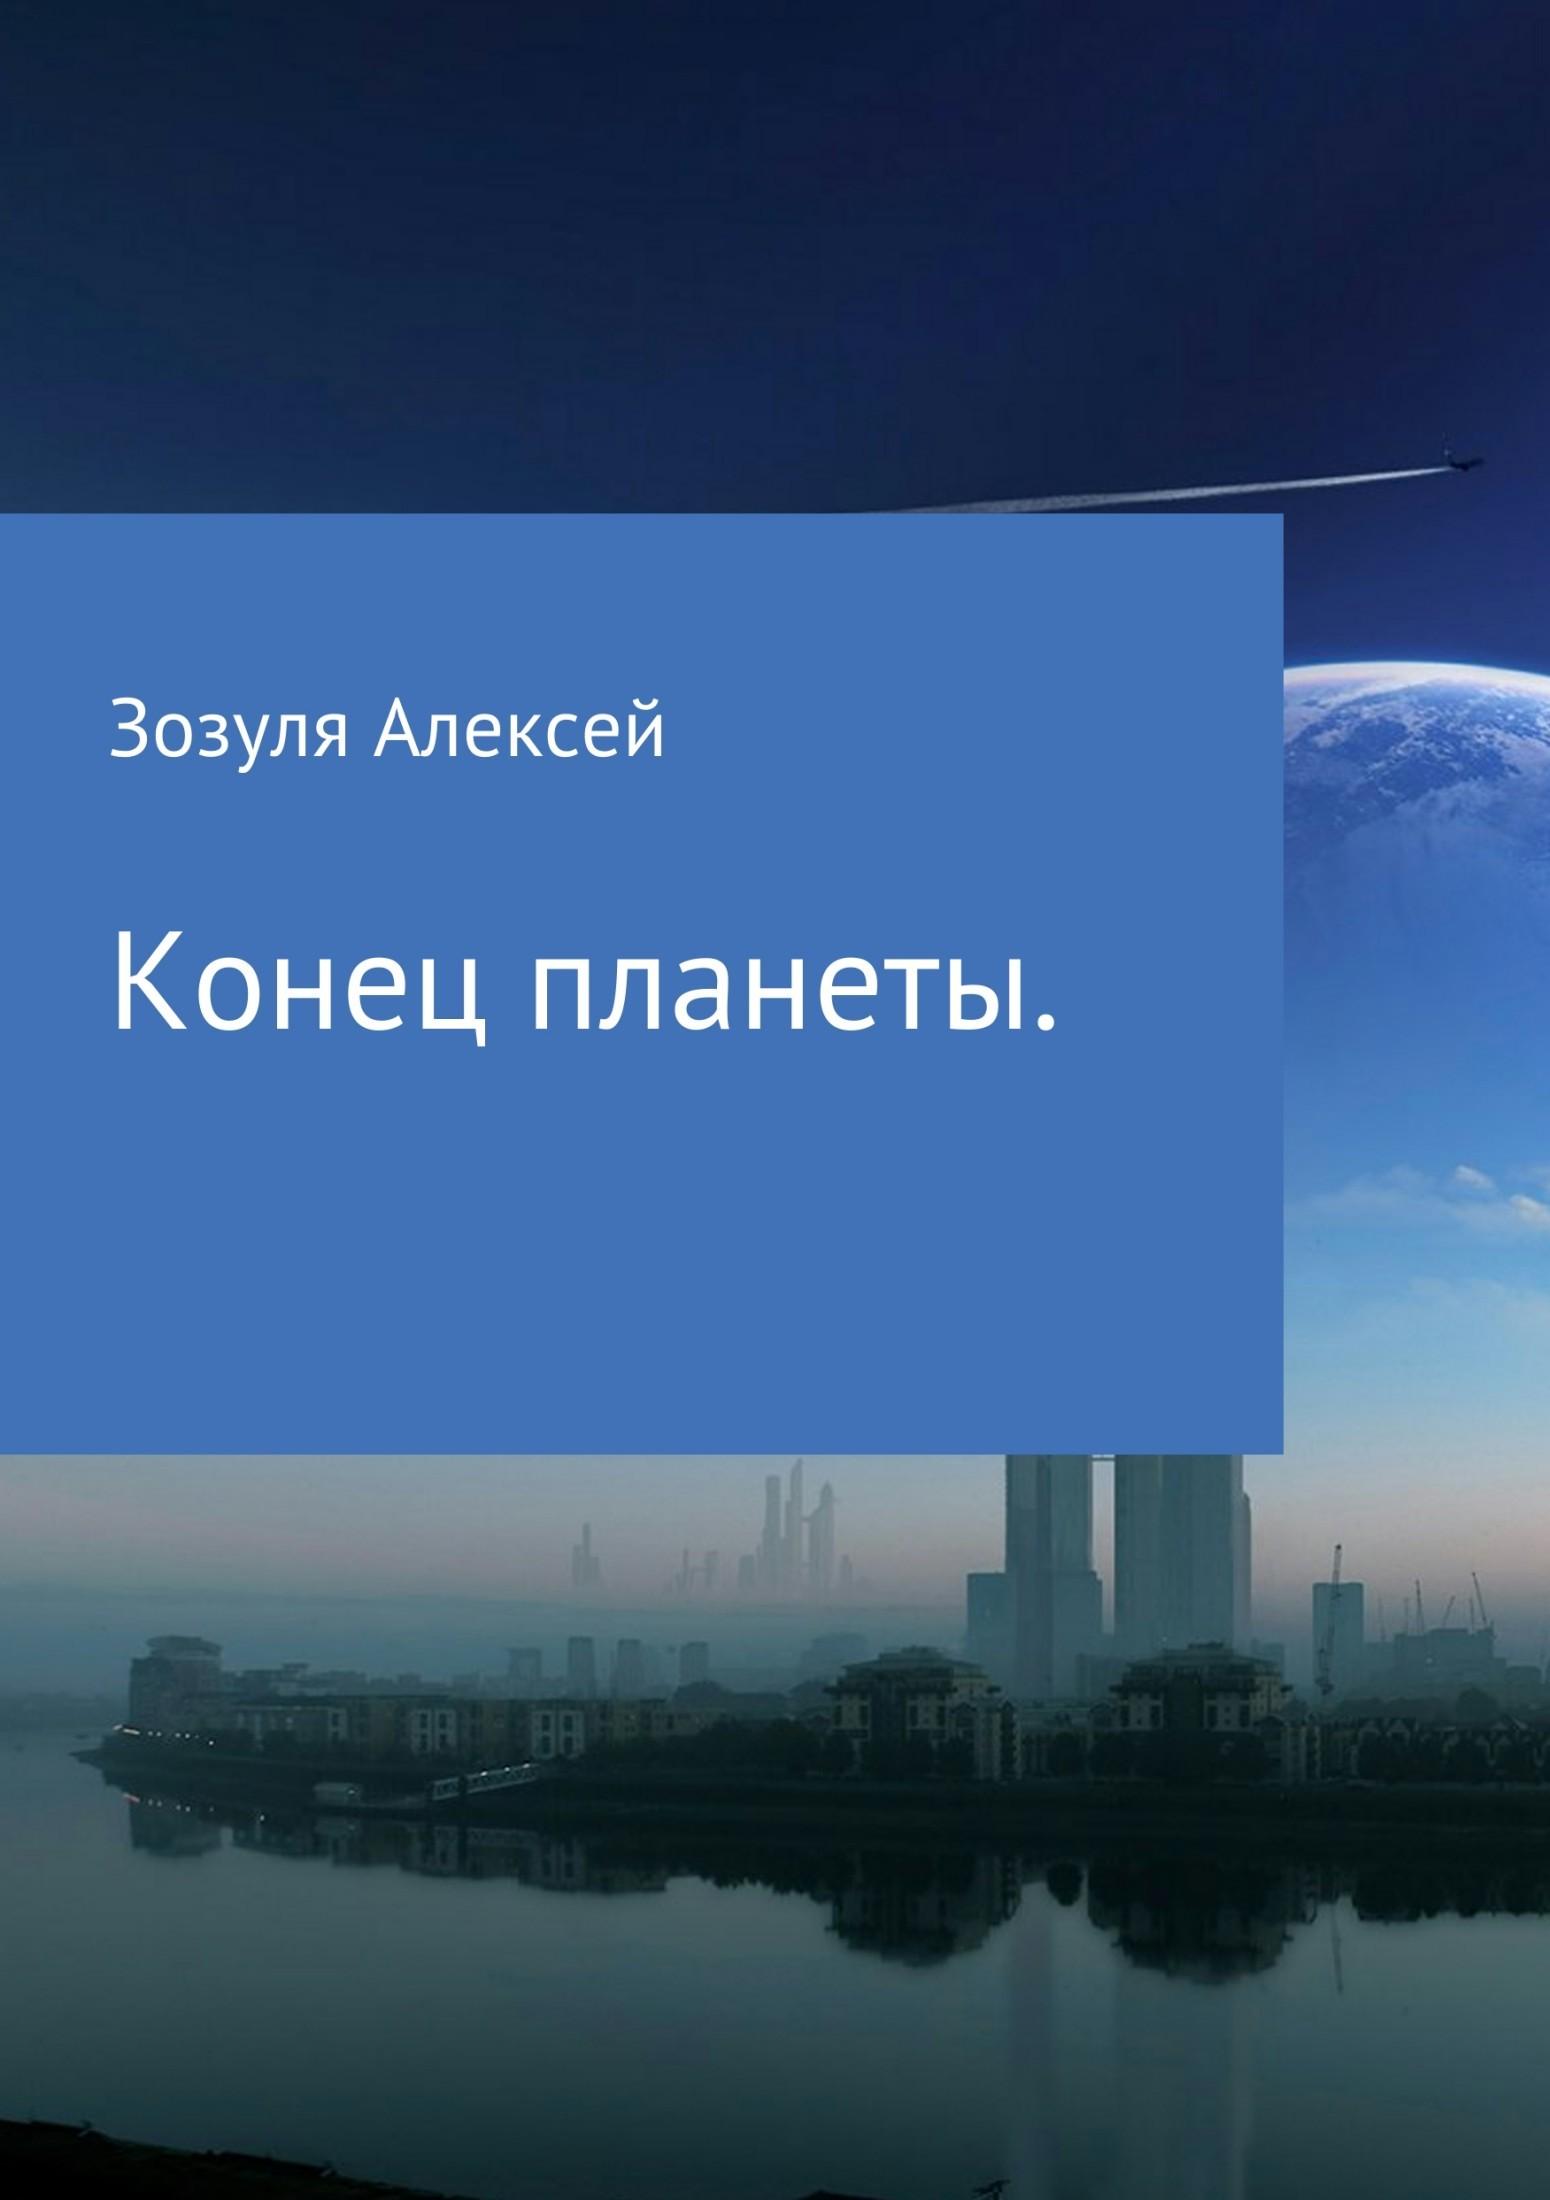 Алексей Юрьевич Зозуля. Конец планеты